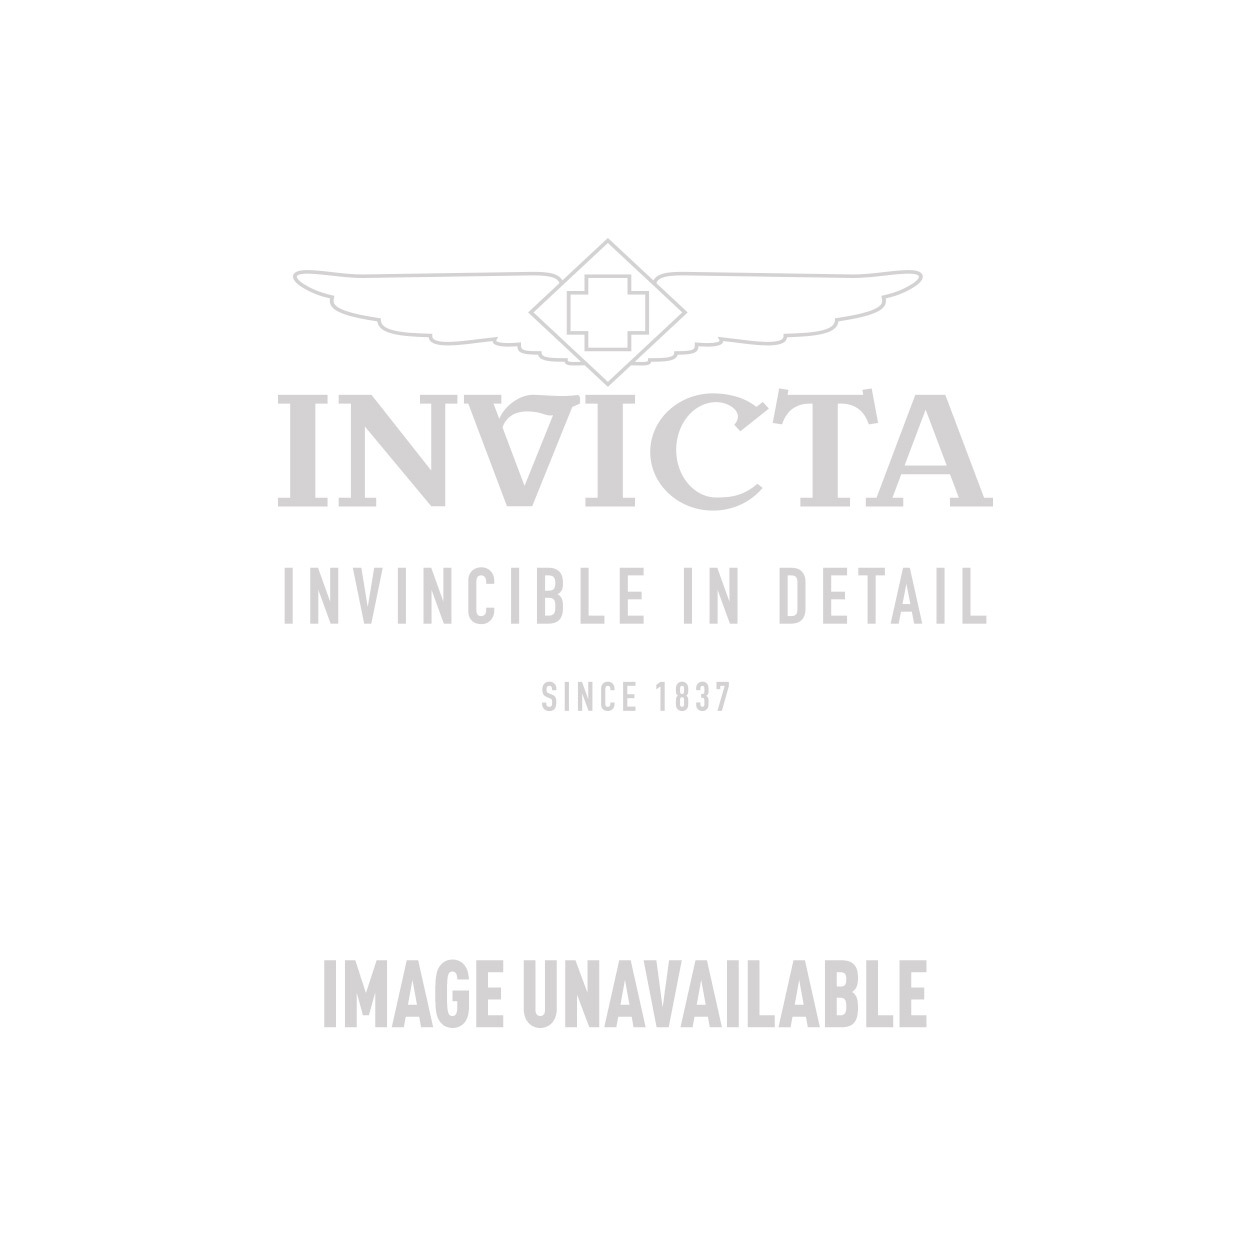 Invicta Model 29139